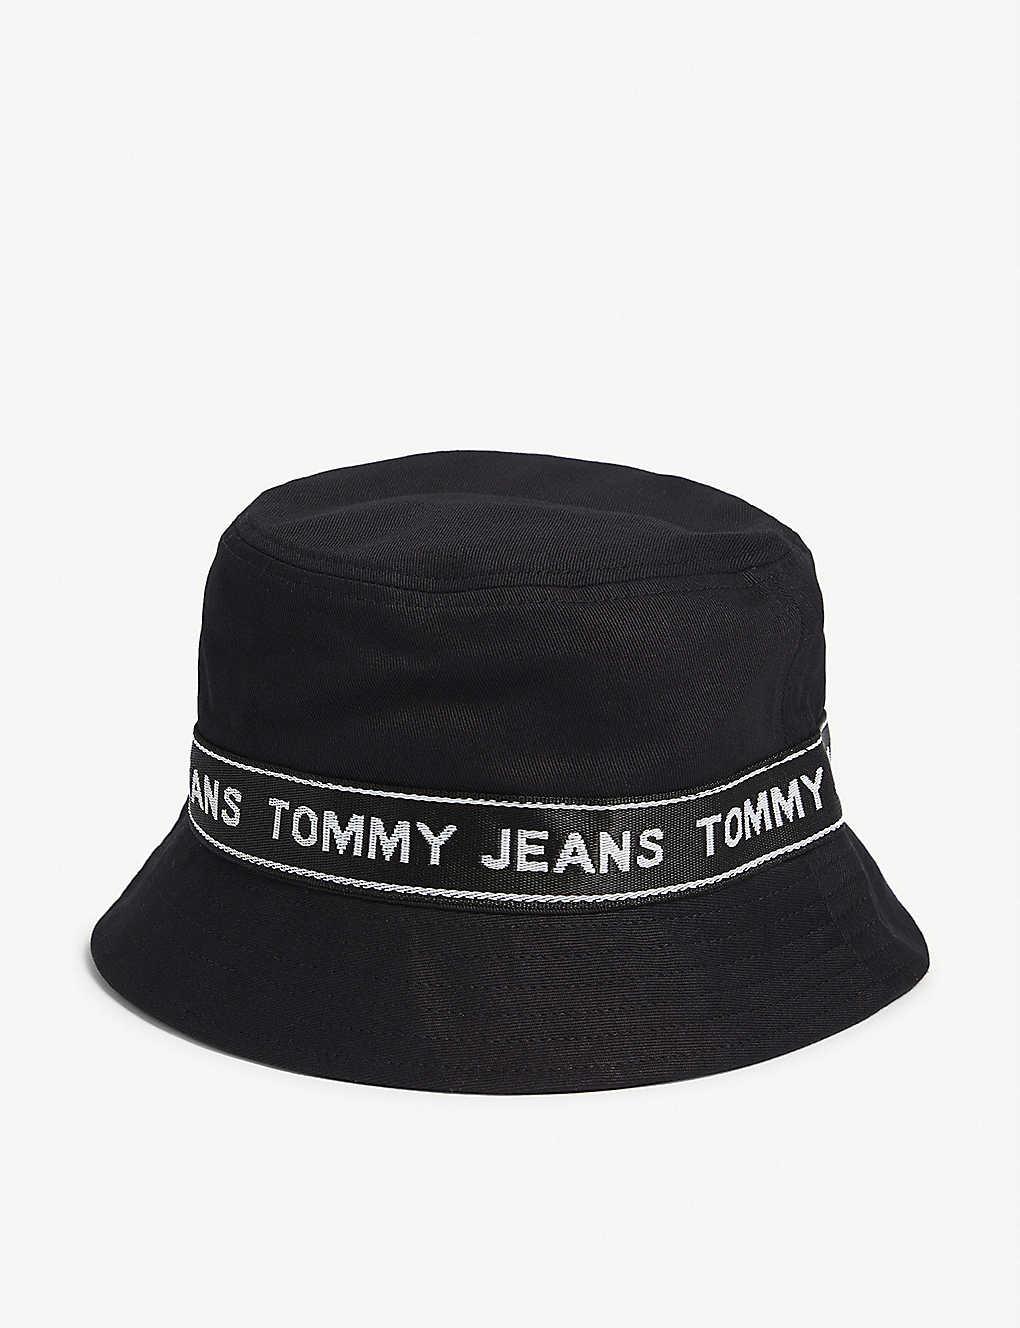 ff364297 TOMMY HILFIGER - Logo tape bucket hat | Selfridges.com